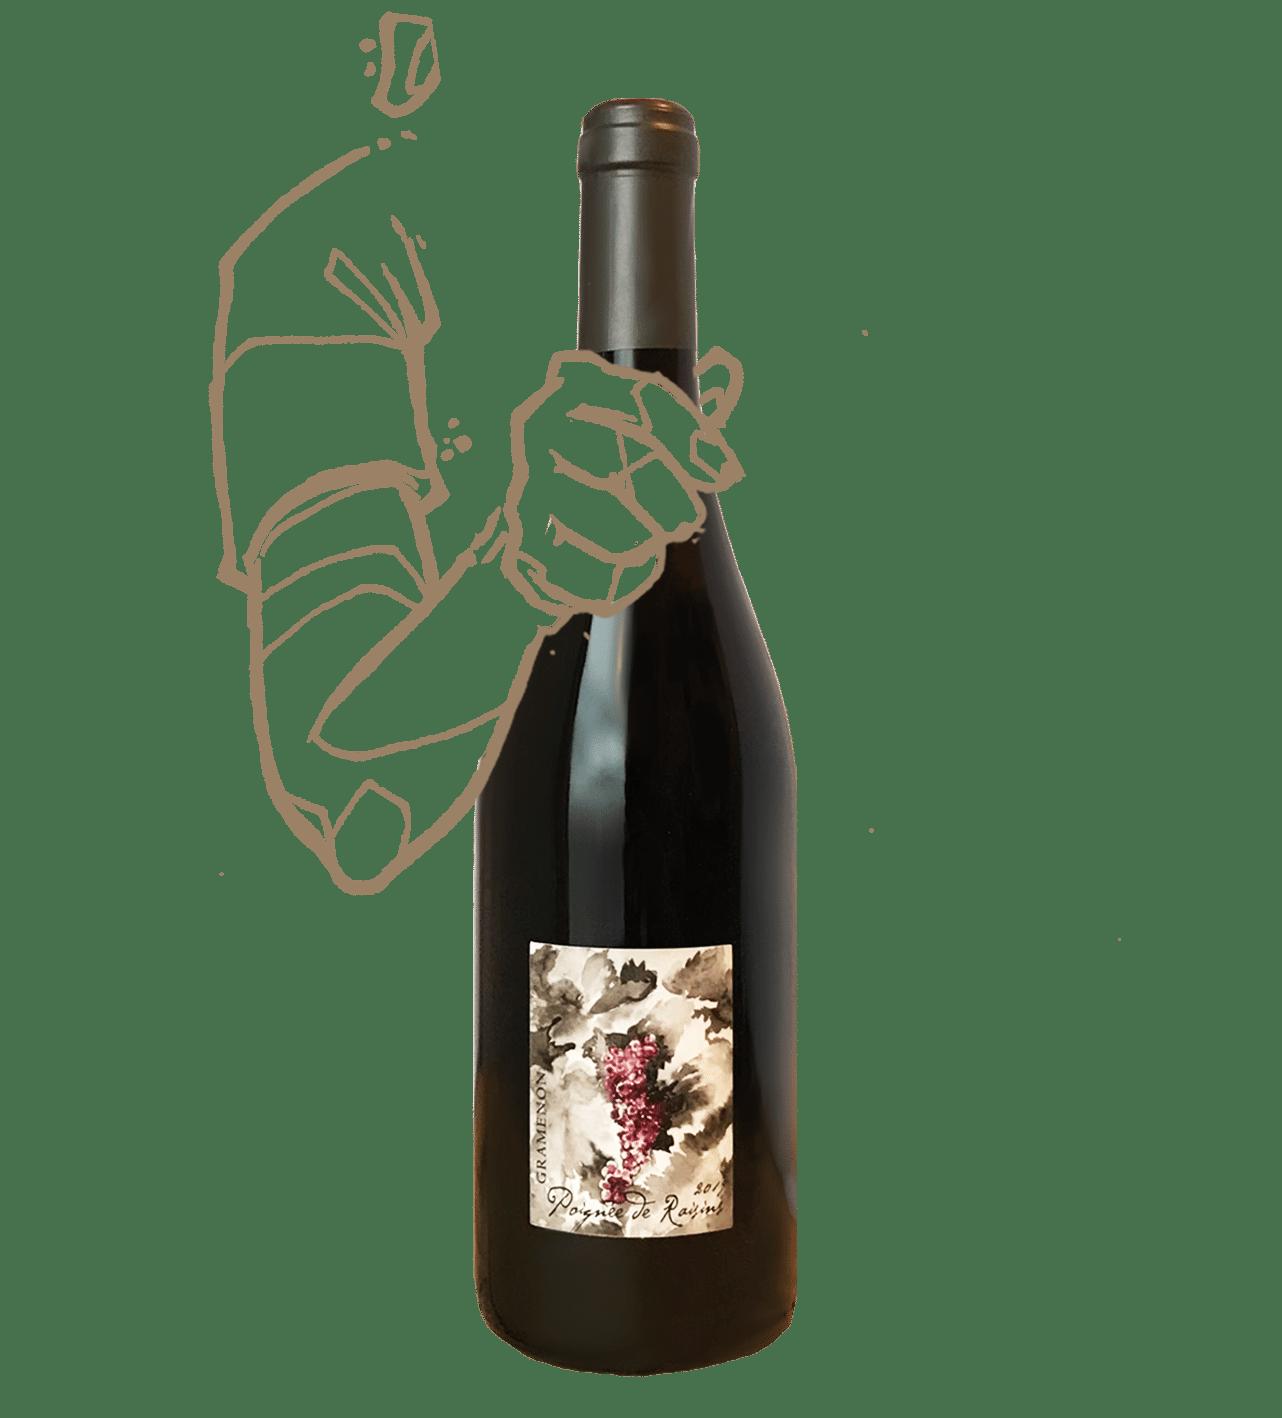 Une poignée de raison est un vin naturel du domaine de Gramenon